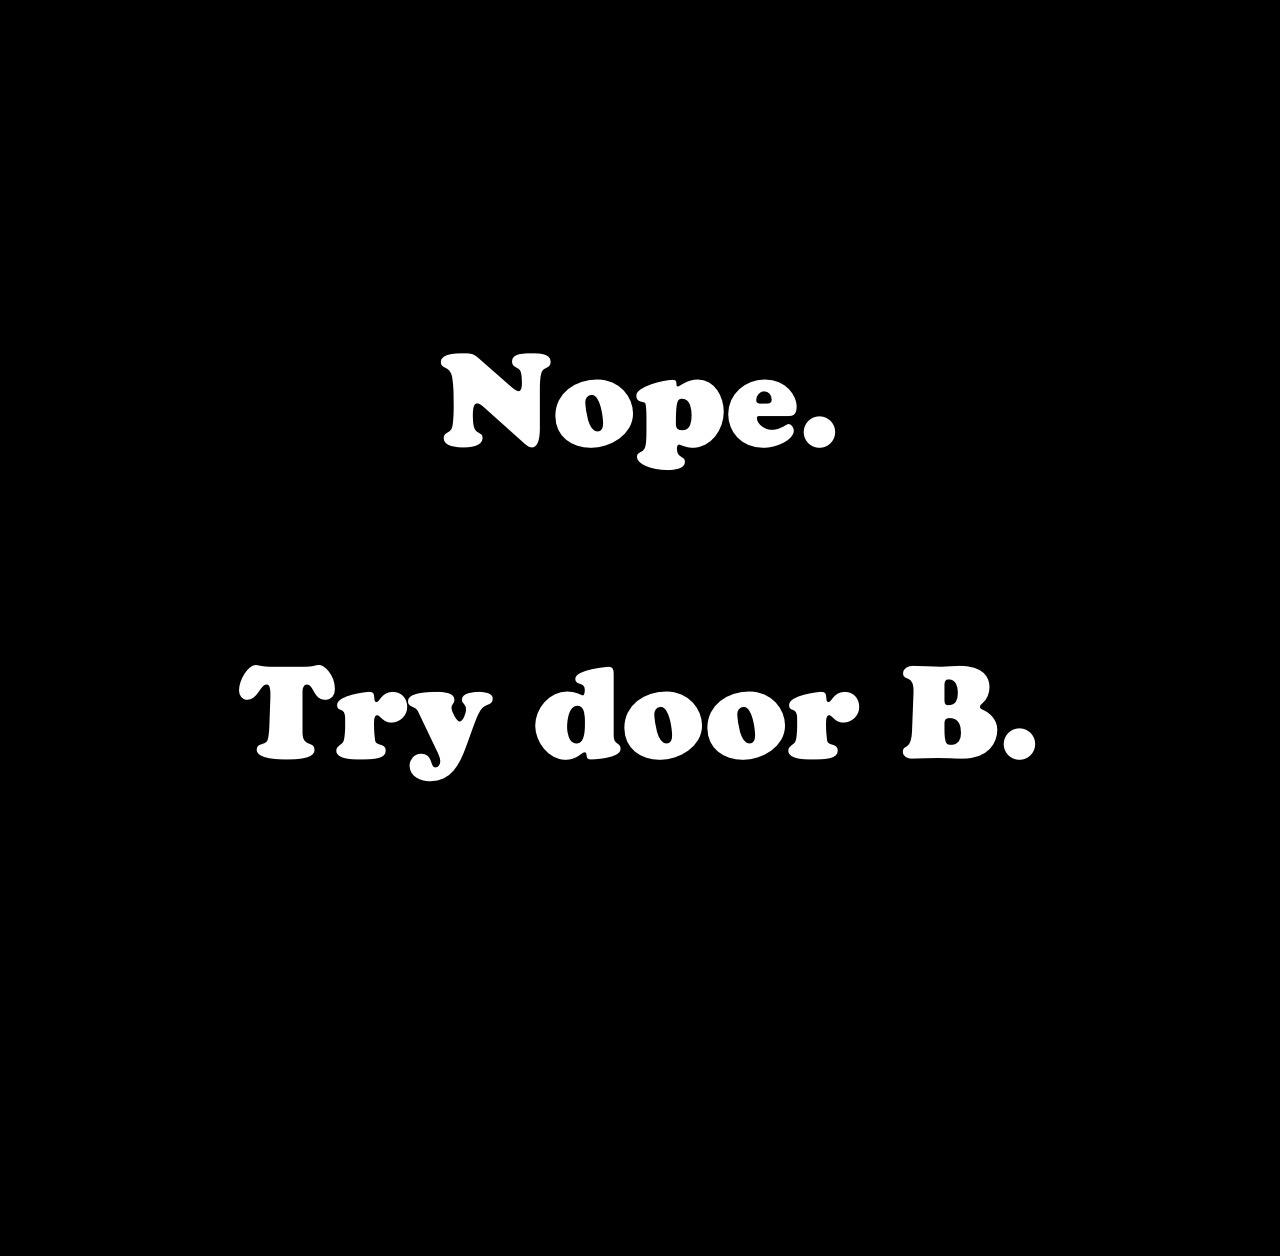 or door C. Just keep going!